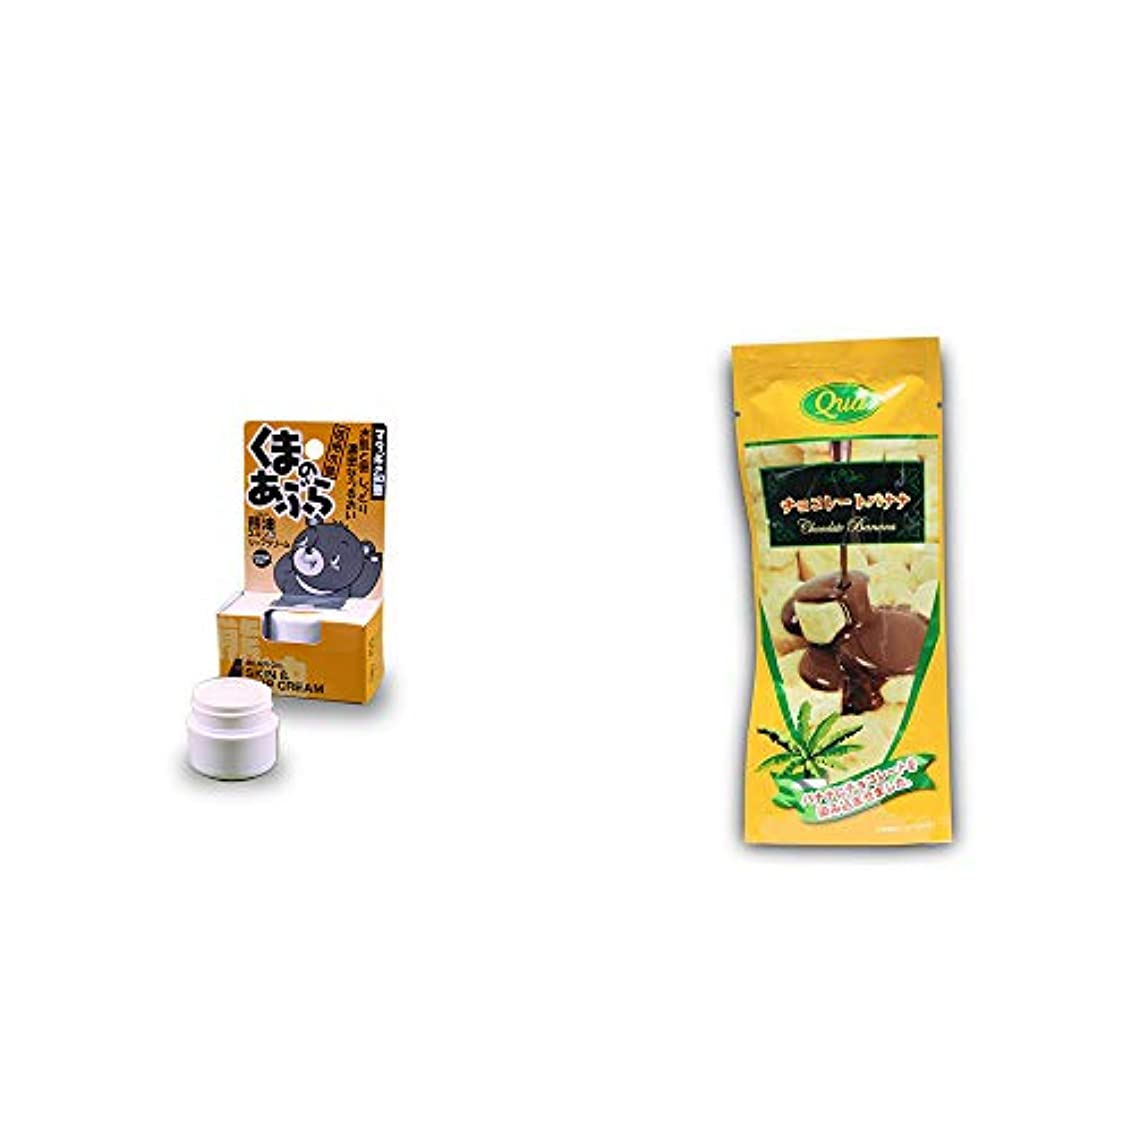 クレタ活性化するバルーン[2点セット] 信州木曽 くまのあぶら 熊油スキン&リップクリーム(9g)?フリーズドライ チョコレートバナナ(50g)